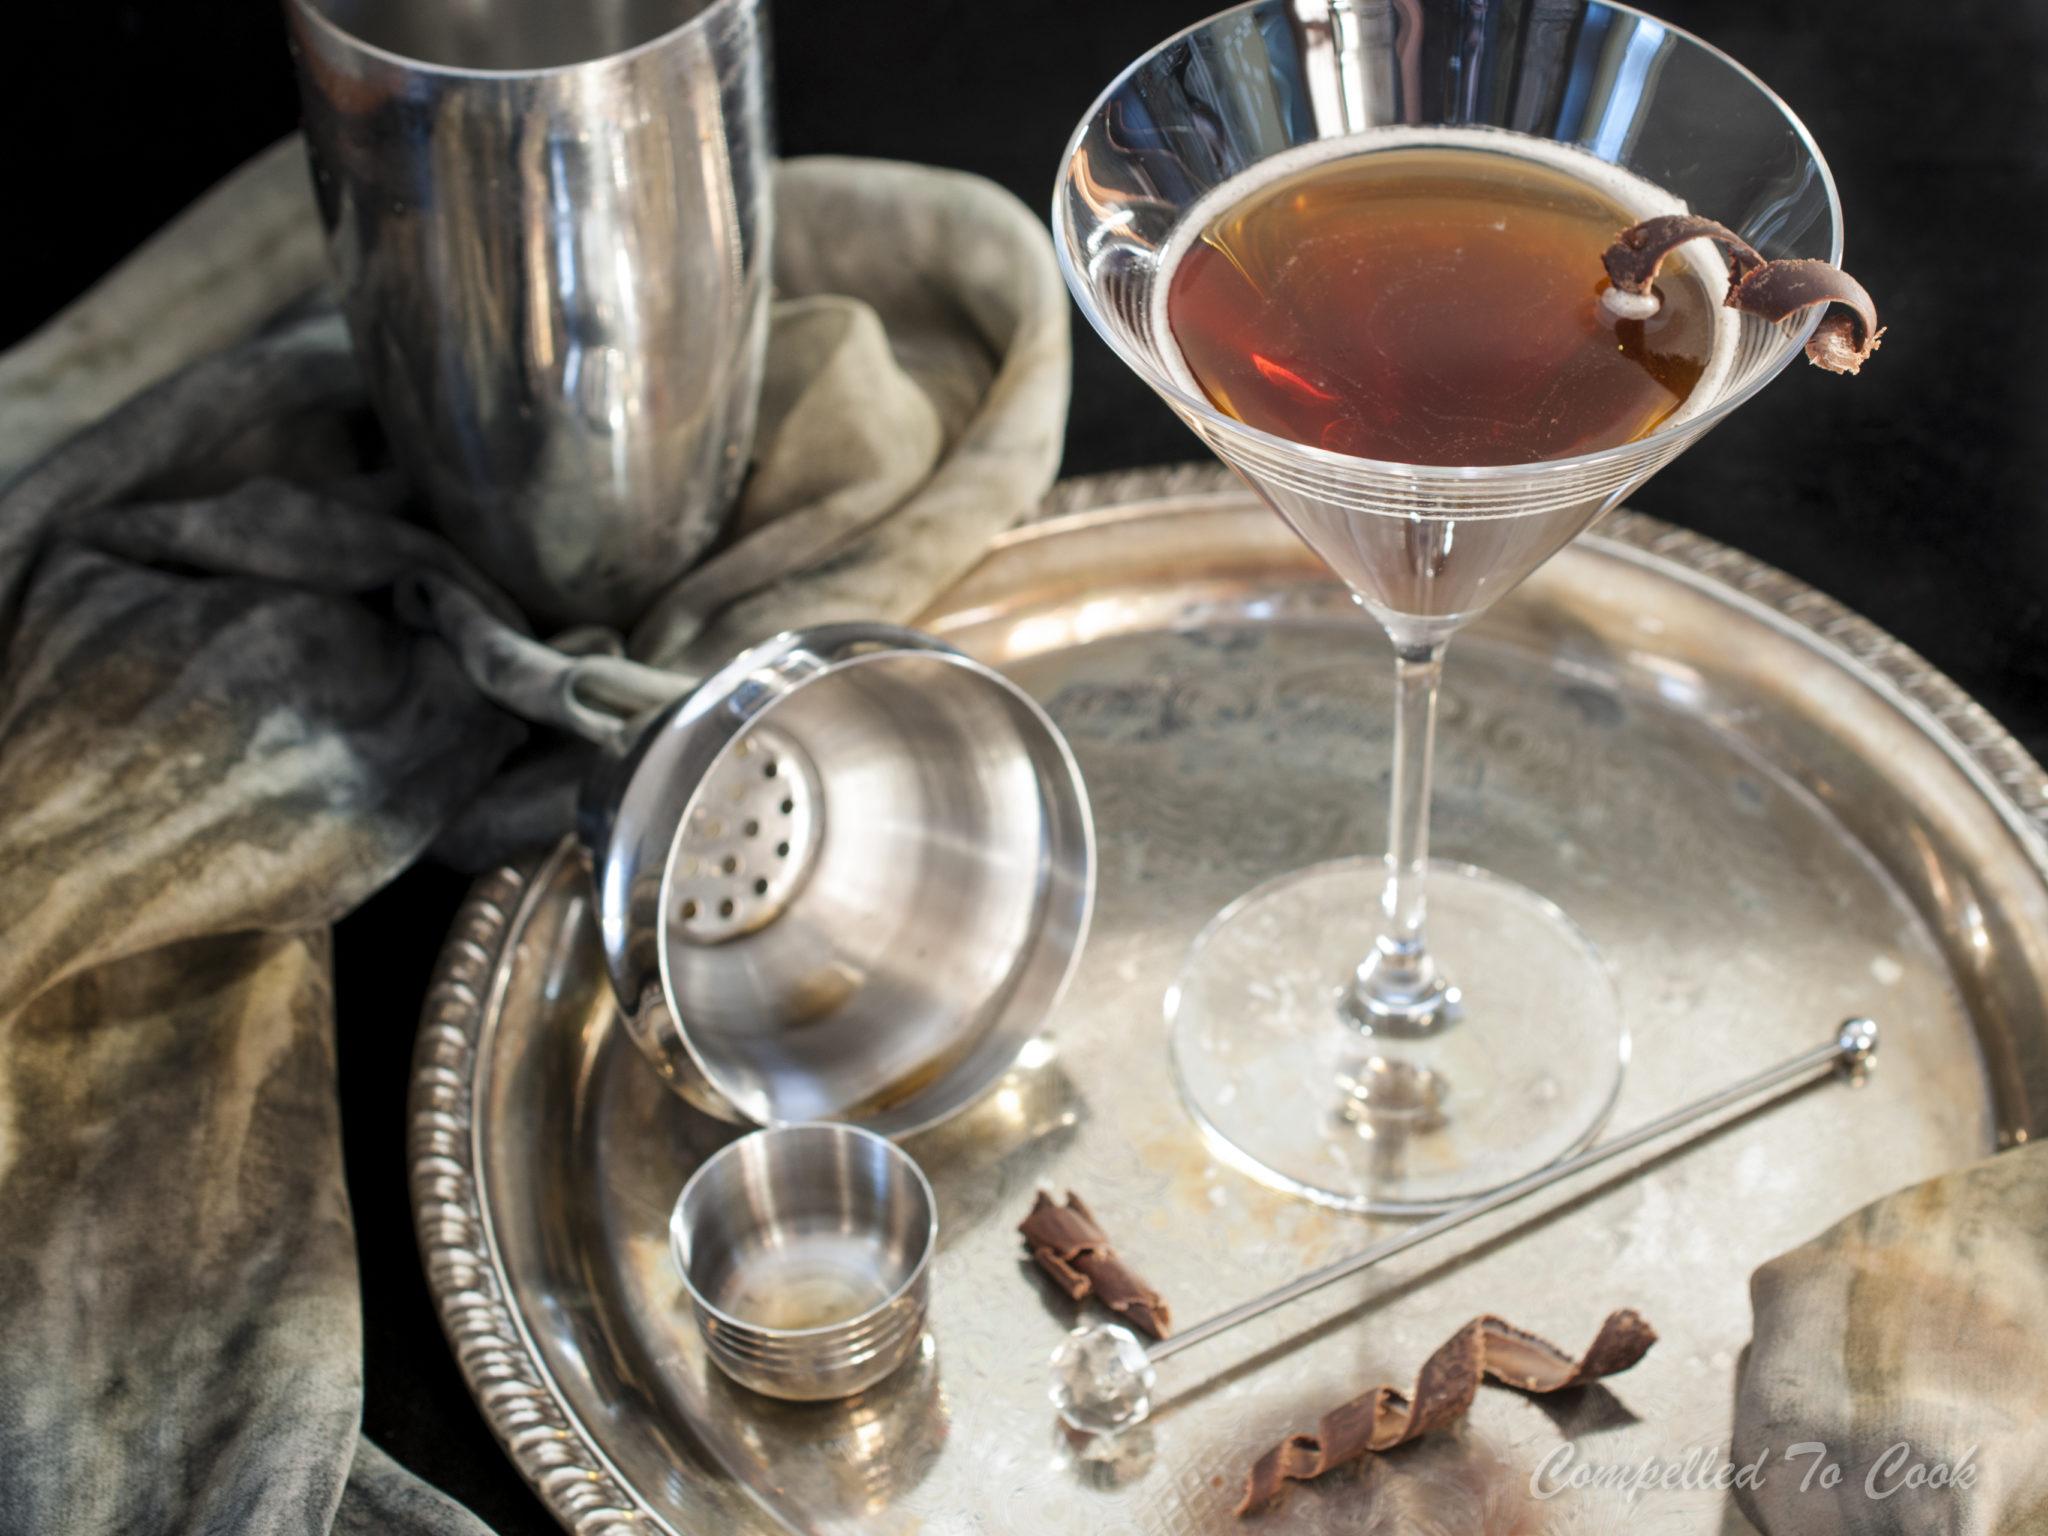 Drambuie Espresso Martini - Compelled to Cook